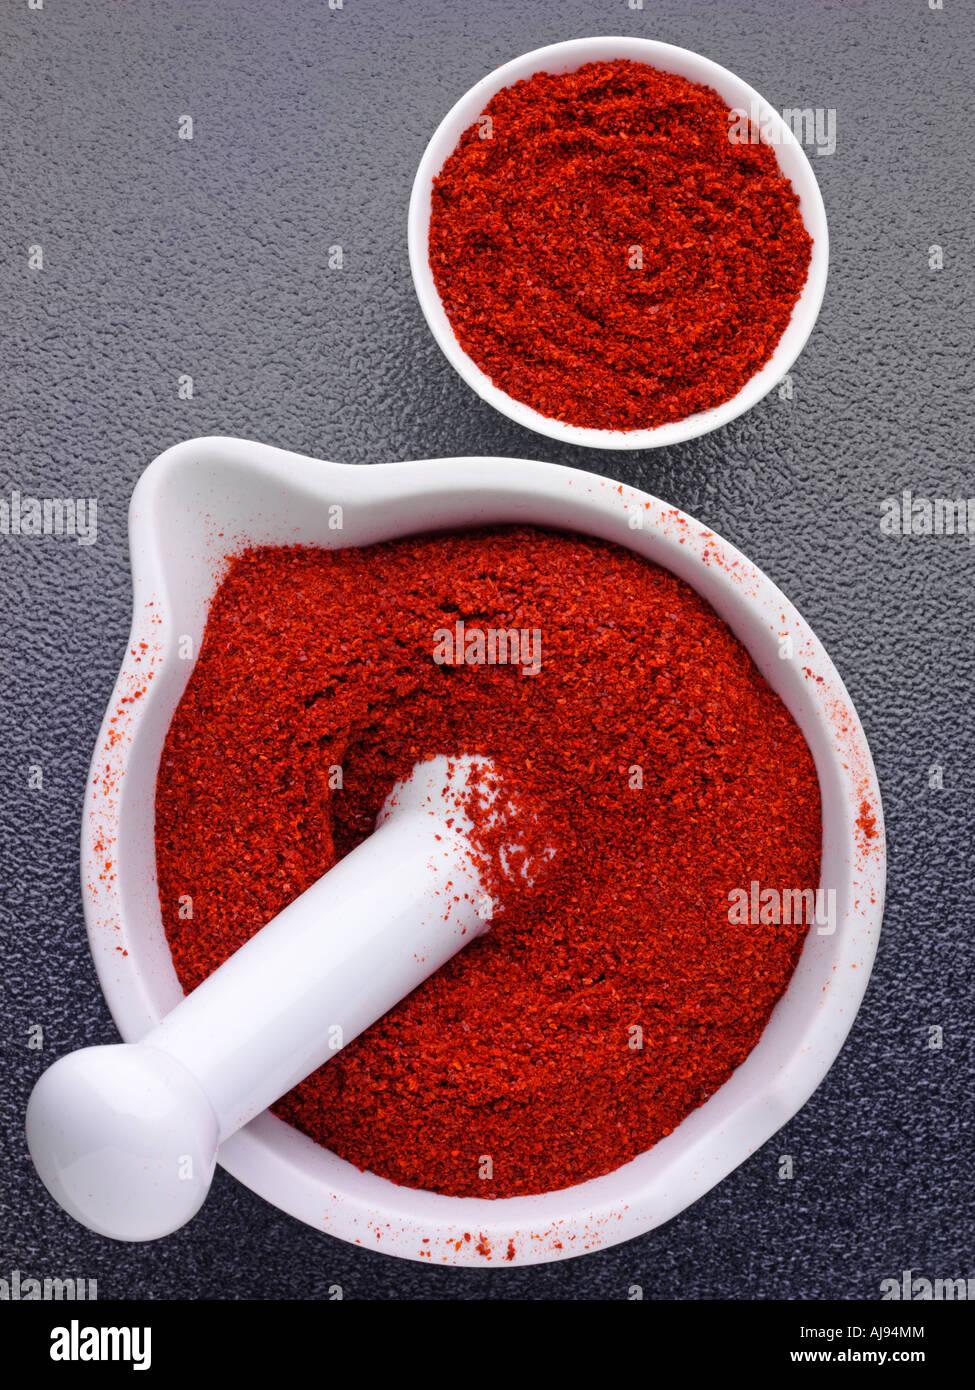 Pimenta em pó em almofariz e pilão Imagens de Stock